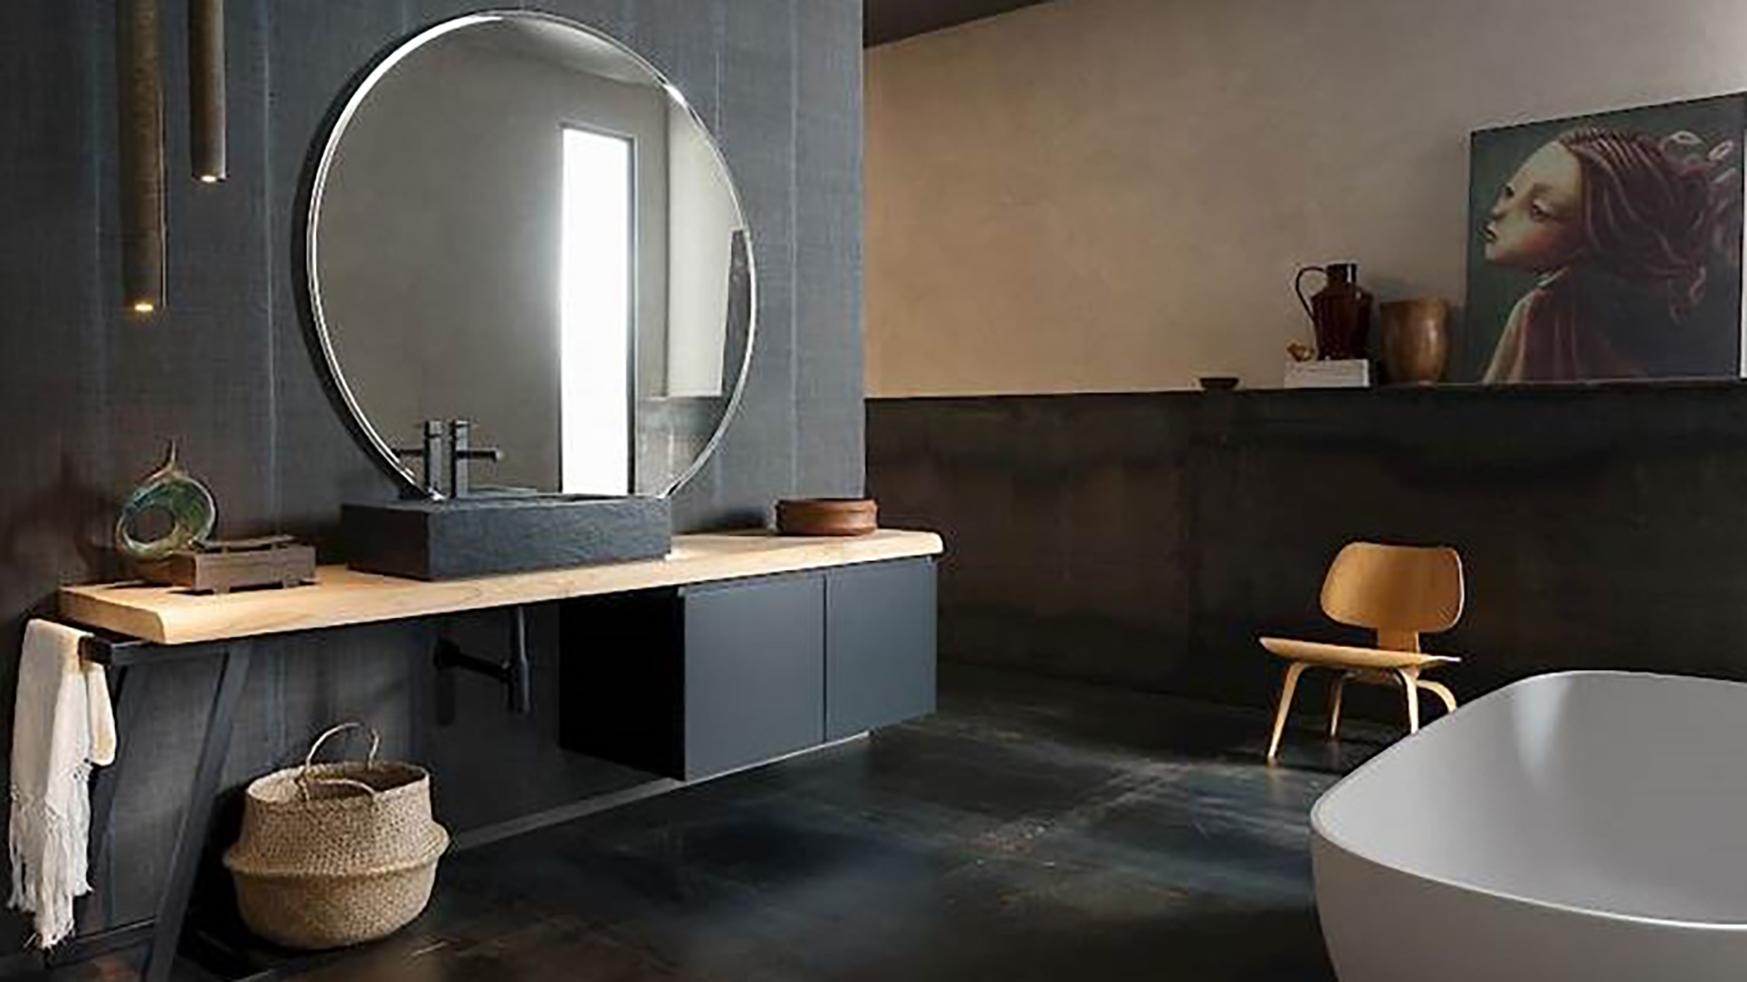 arredamento-casa-arredo-bagno-ink-prestige-nk-21_Nit_12685